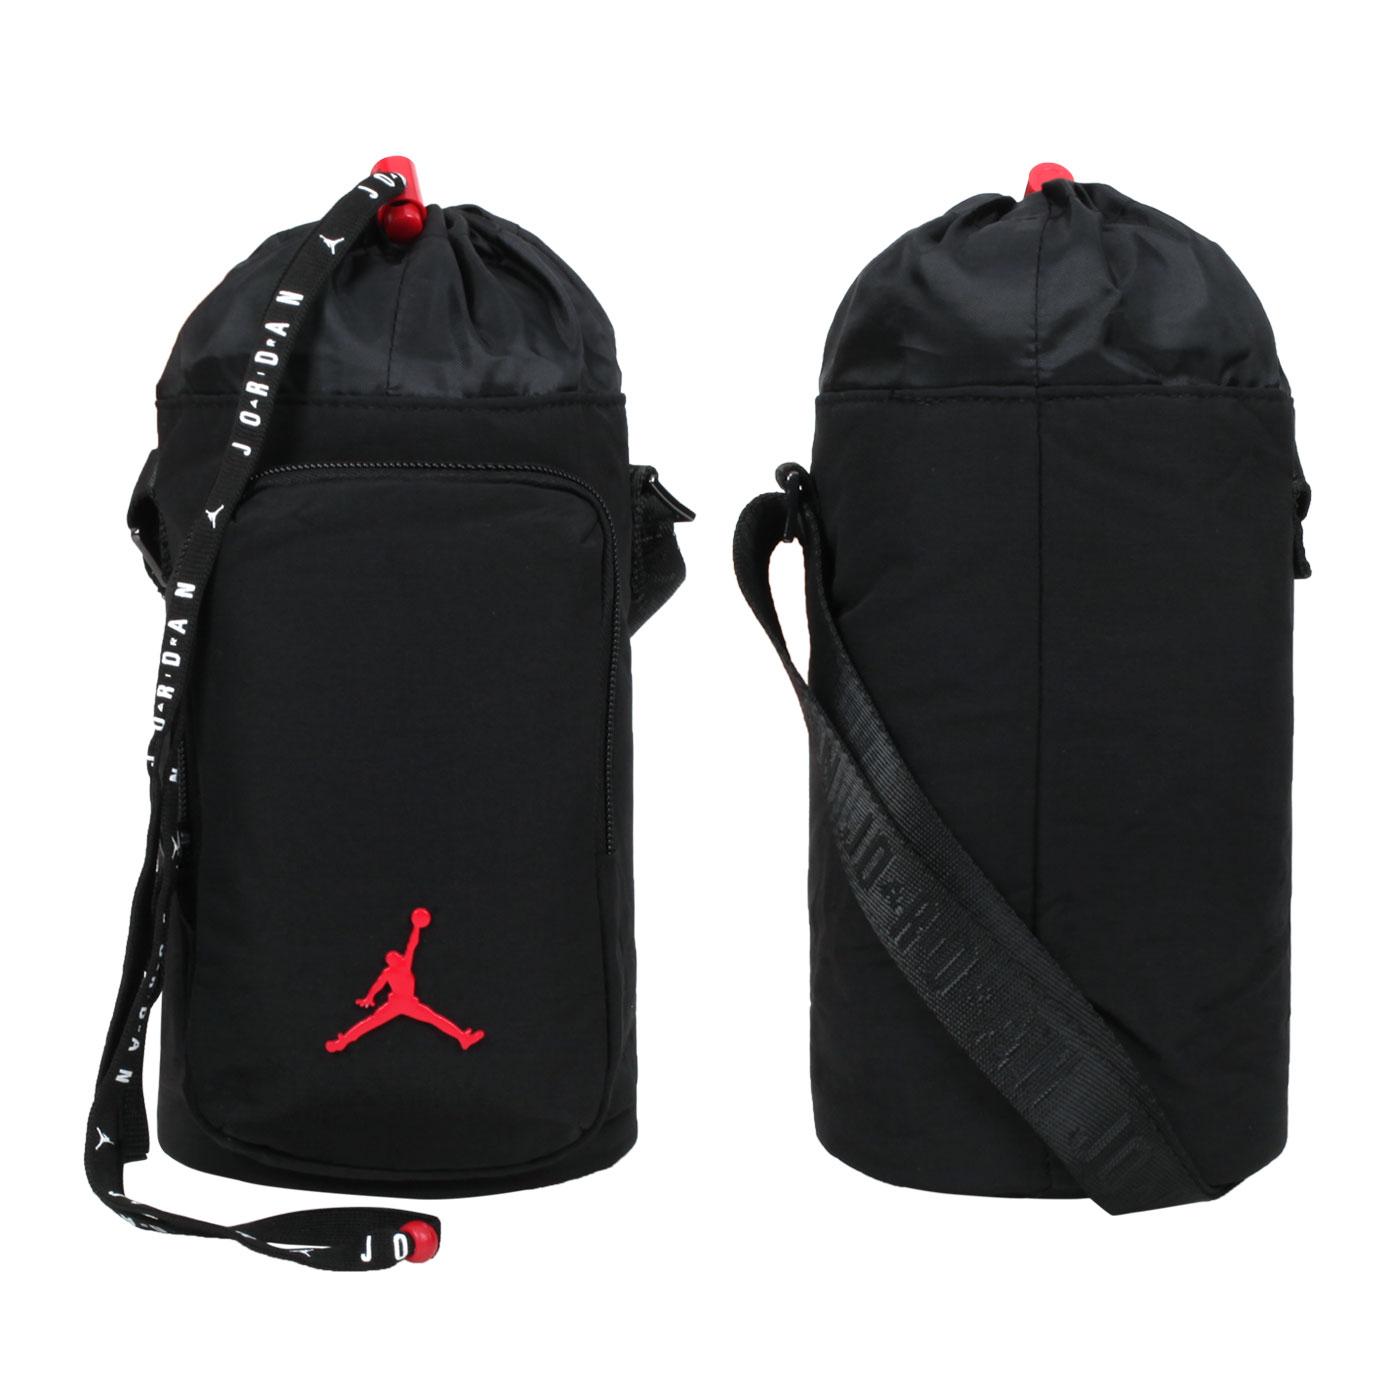 NIKE JORDAN 小型斜肩包 JD2143010GS-001 - 黑紅